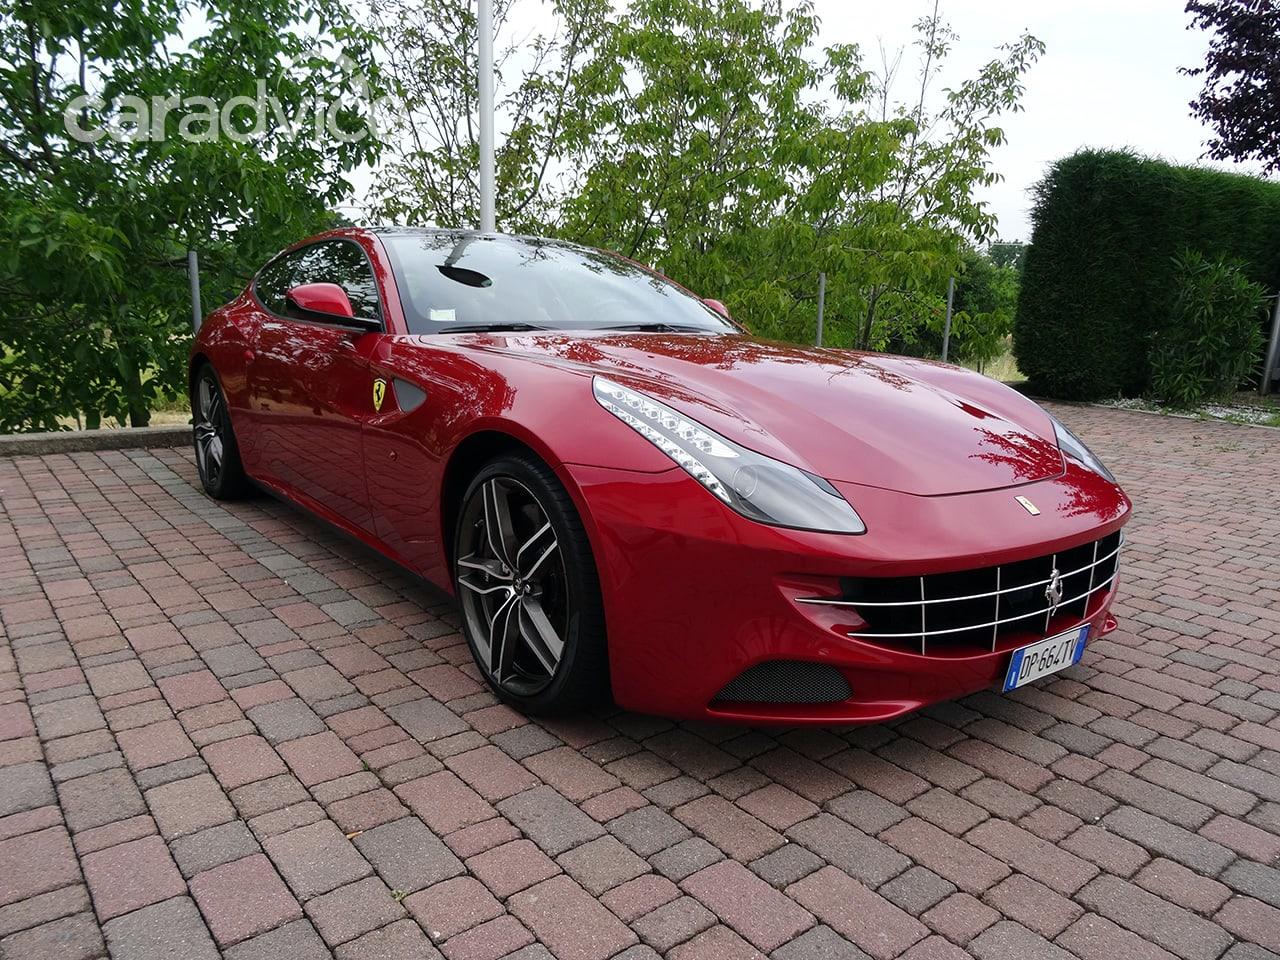 Ferrari Ff Review   Maranello To Monte Carlo Via The Cisa